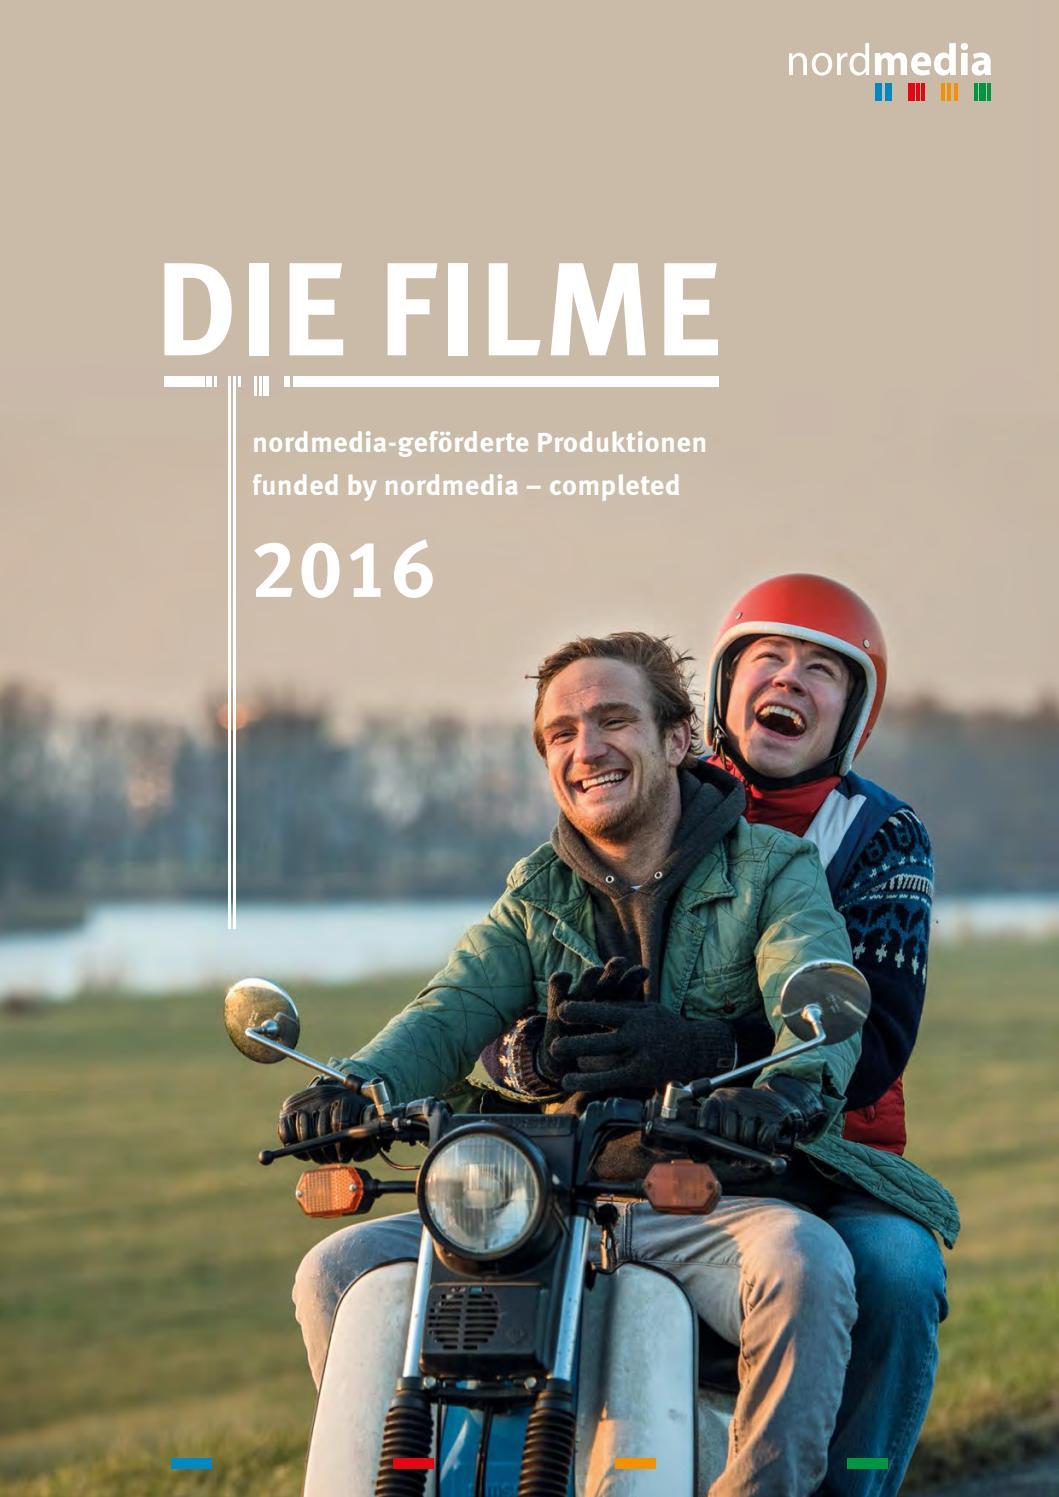 Nordmedia Die Filme 2016 By Nordmedia Film Und